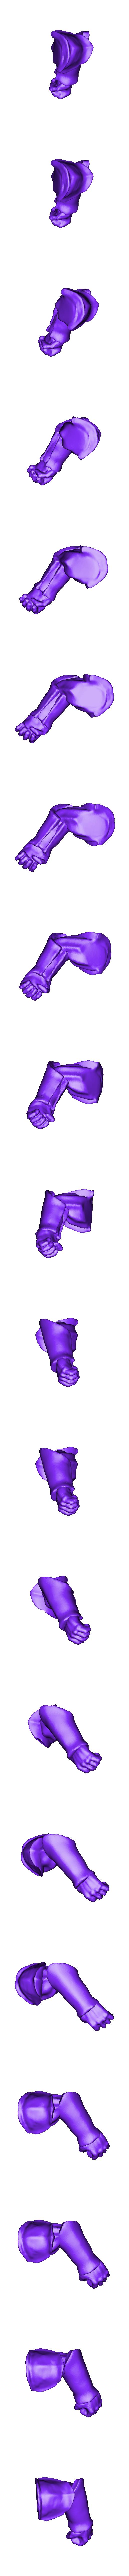 left_arm_v5.stl Télécharger fichier STL gratuit Infatrie des elfes / Miniatures des lanciers • Plan imprimable en 3D, Ilhadiel